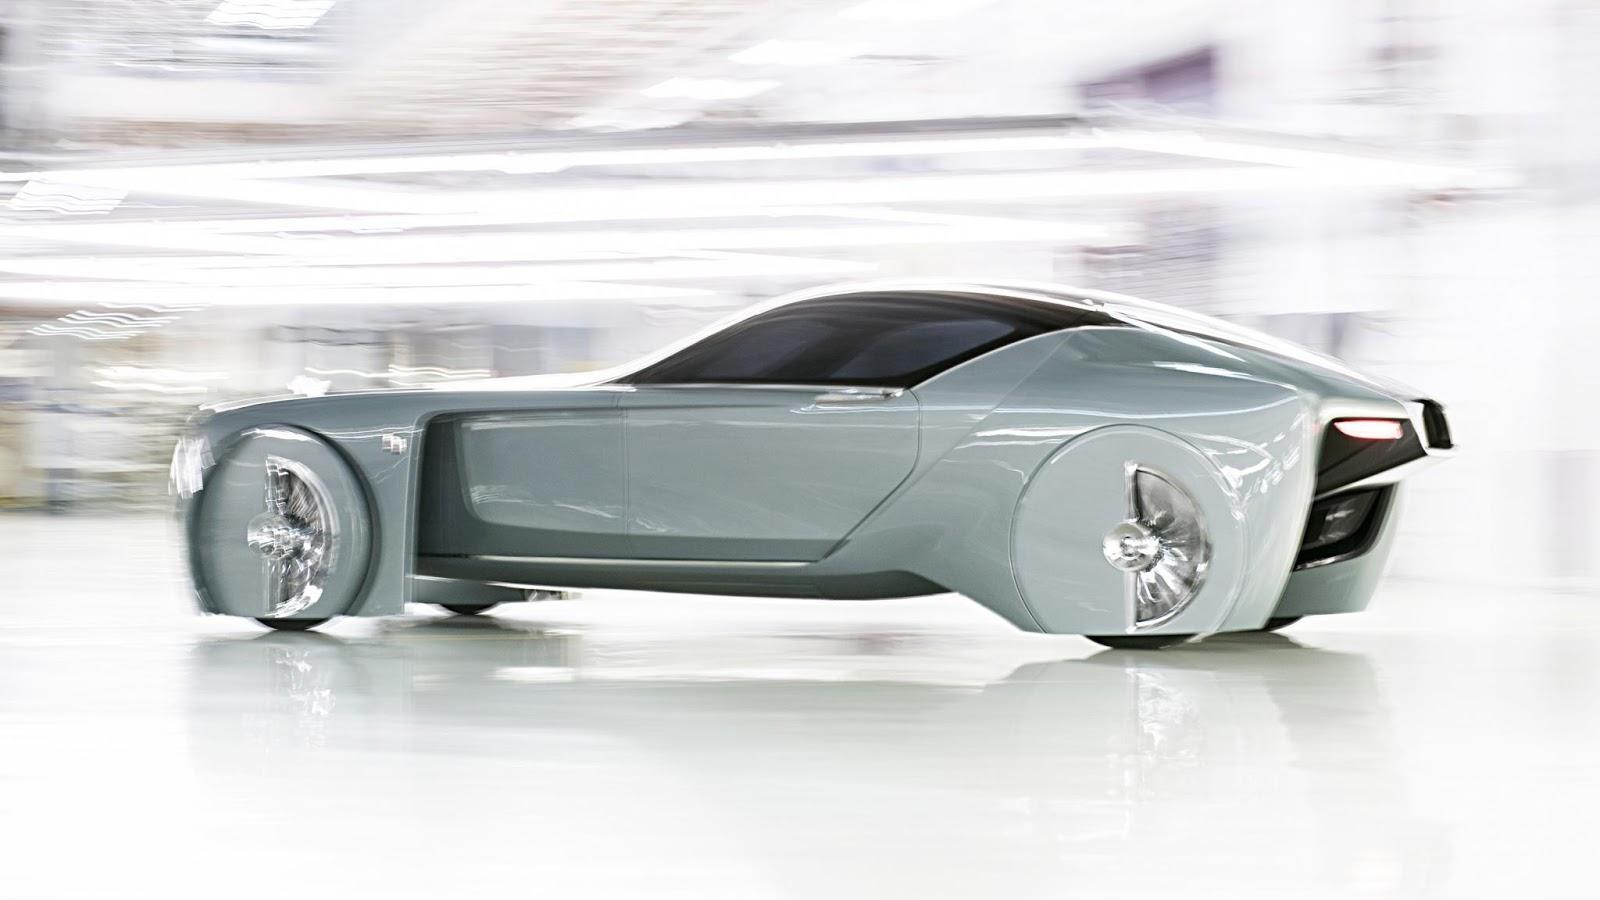 Chiếc Rolls Royce Vision Next 100 không khác gì siêu xe